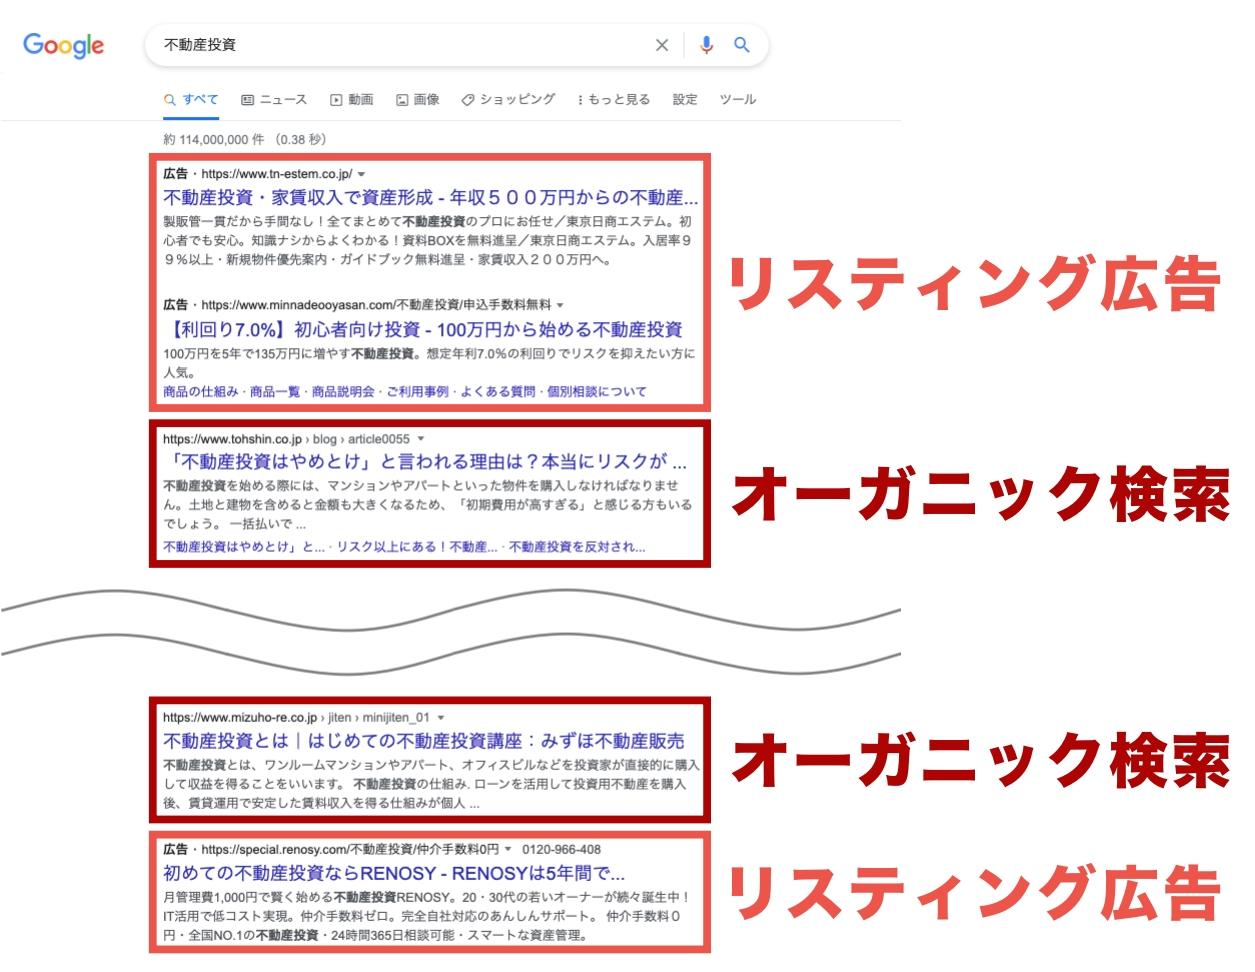 不動産会社におけるリスティング広告の掲載箇所